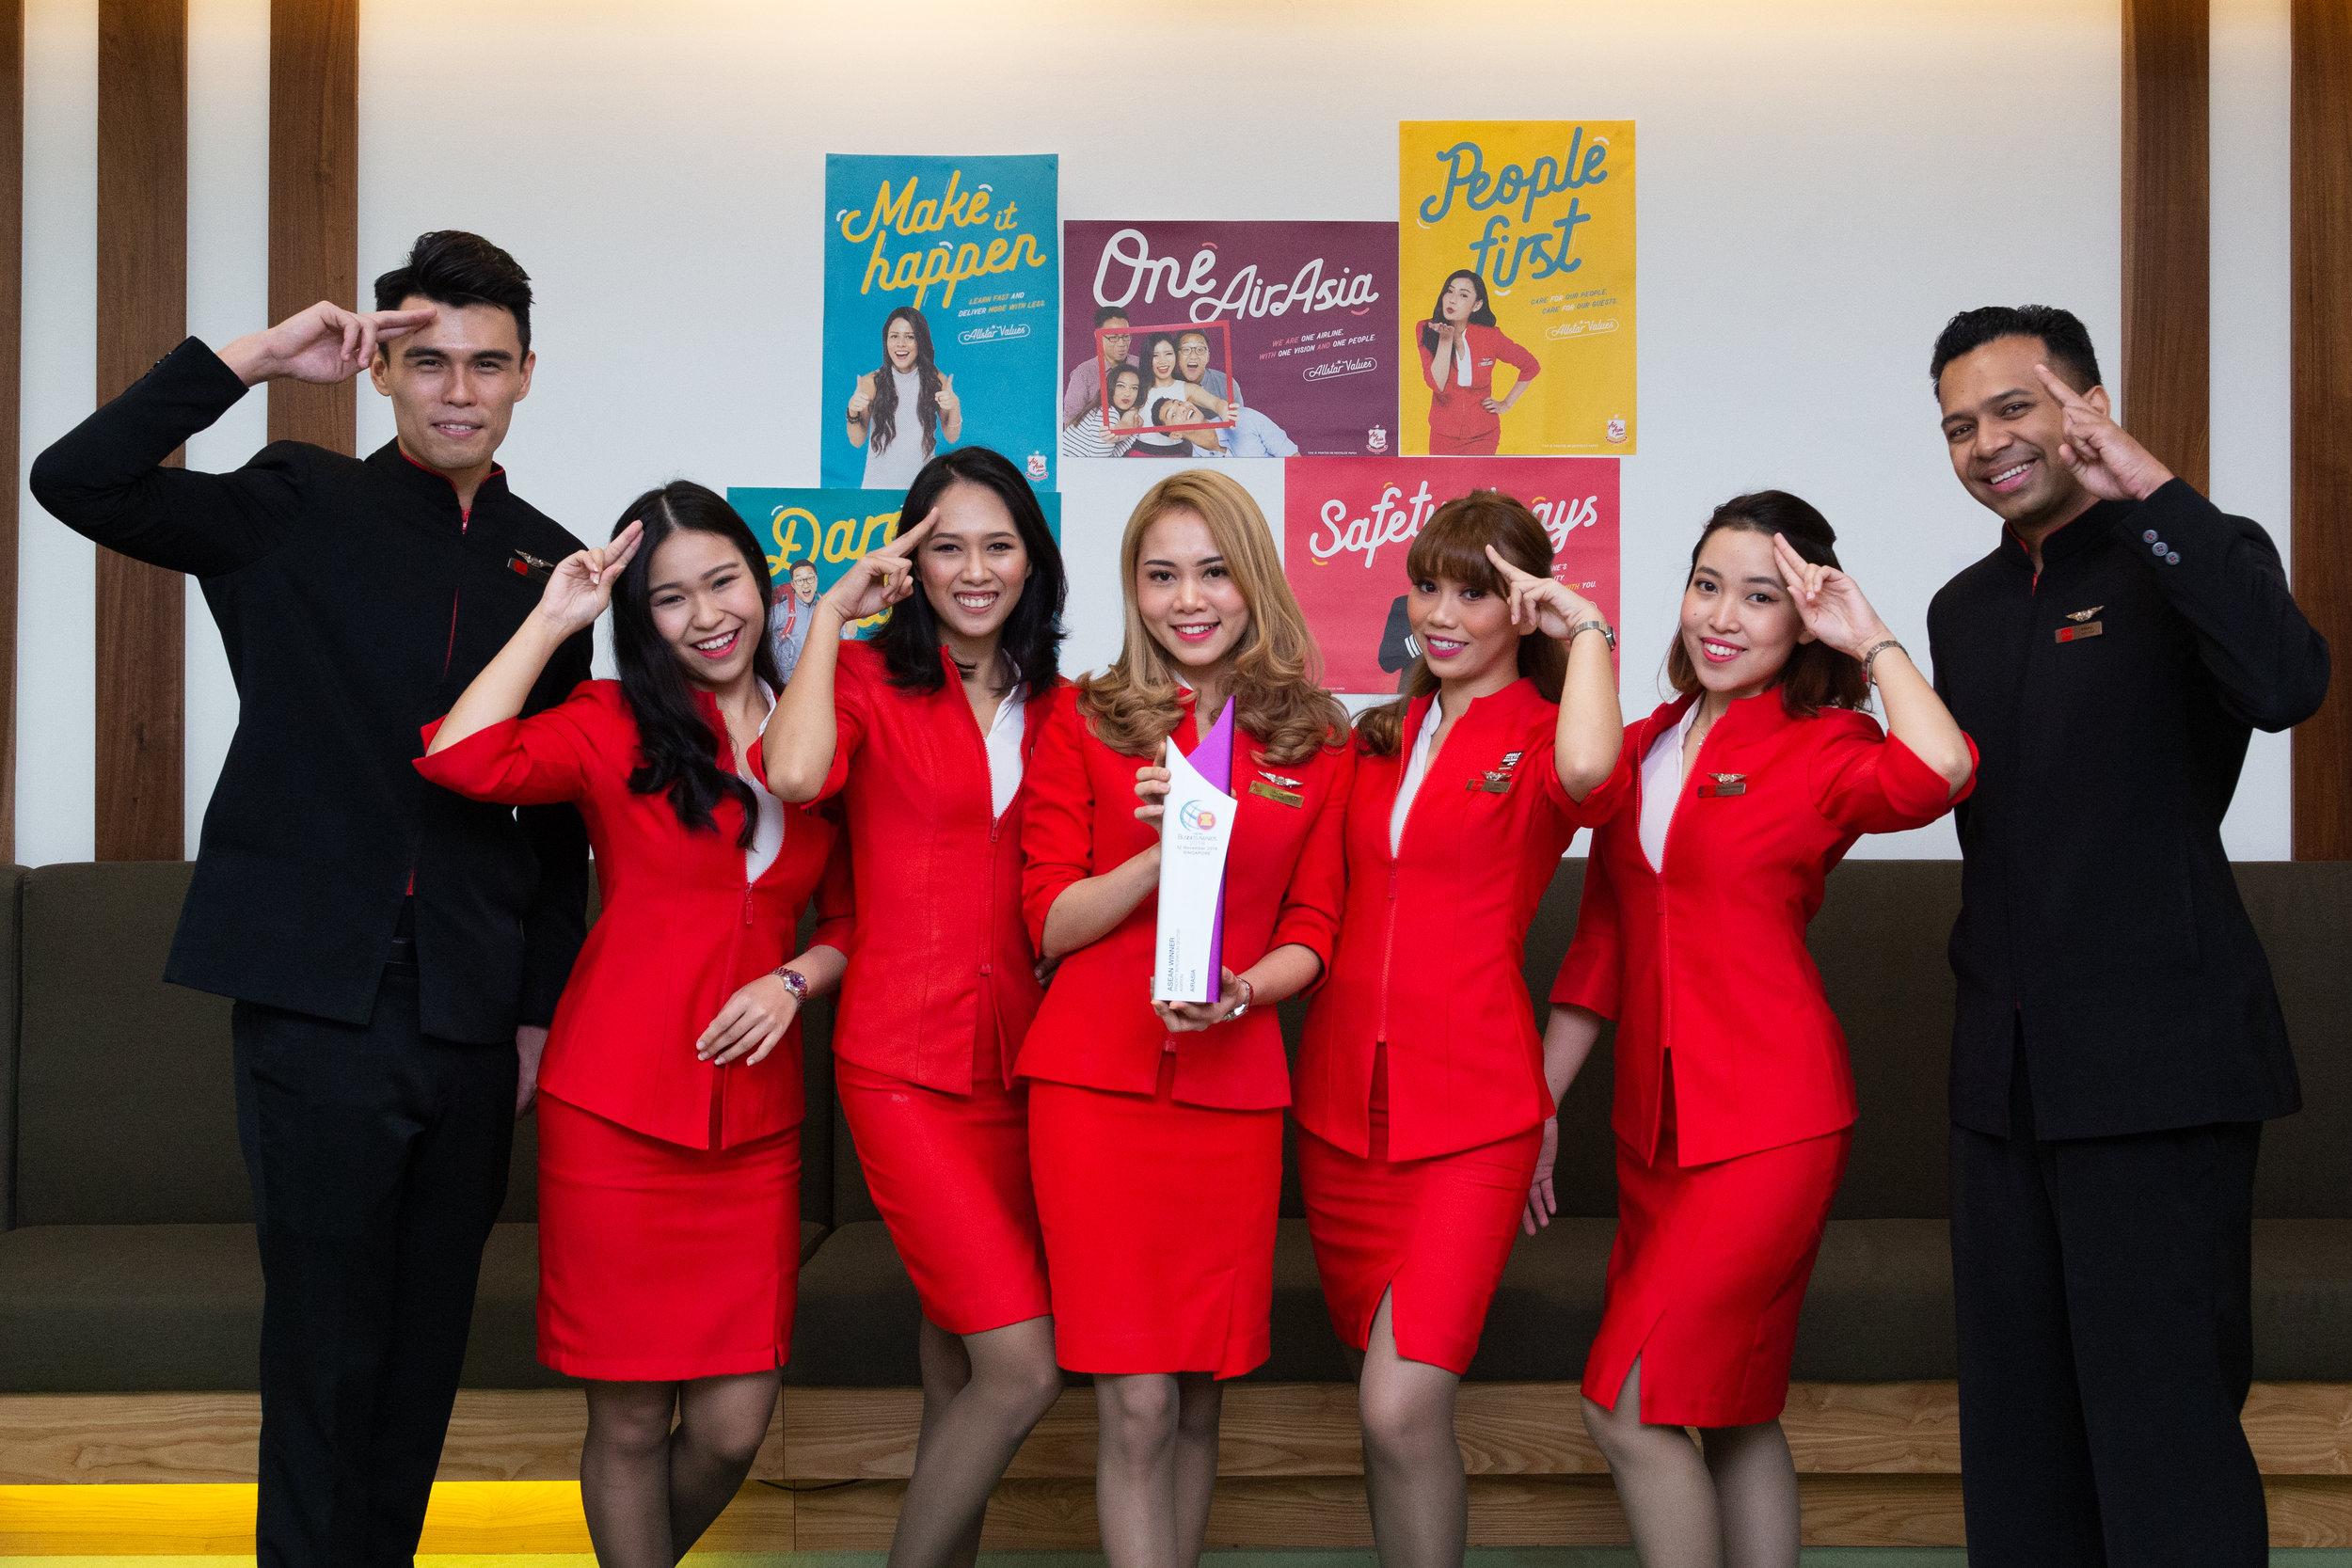 亚航于2018年马来西亚东盟商业奖(ASEAN Business Awards)颁奖典礼上荣获航空业优先整合奖